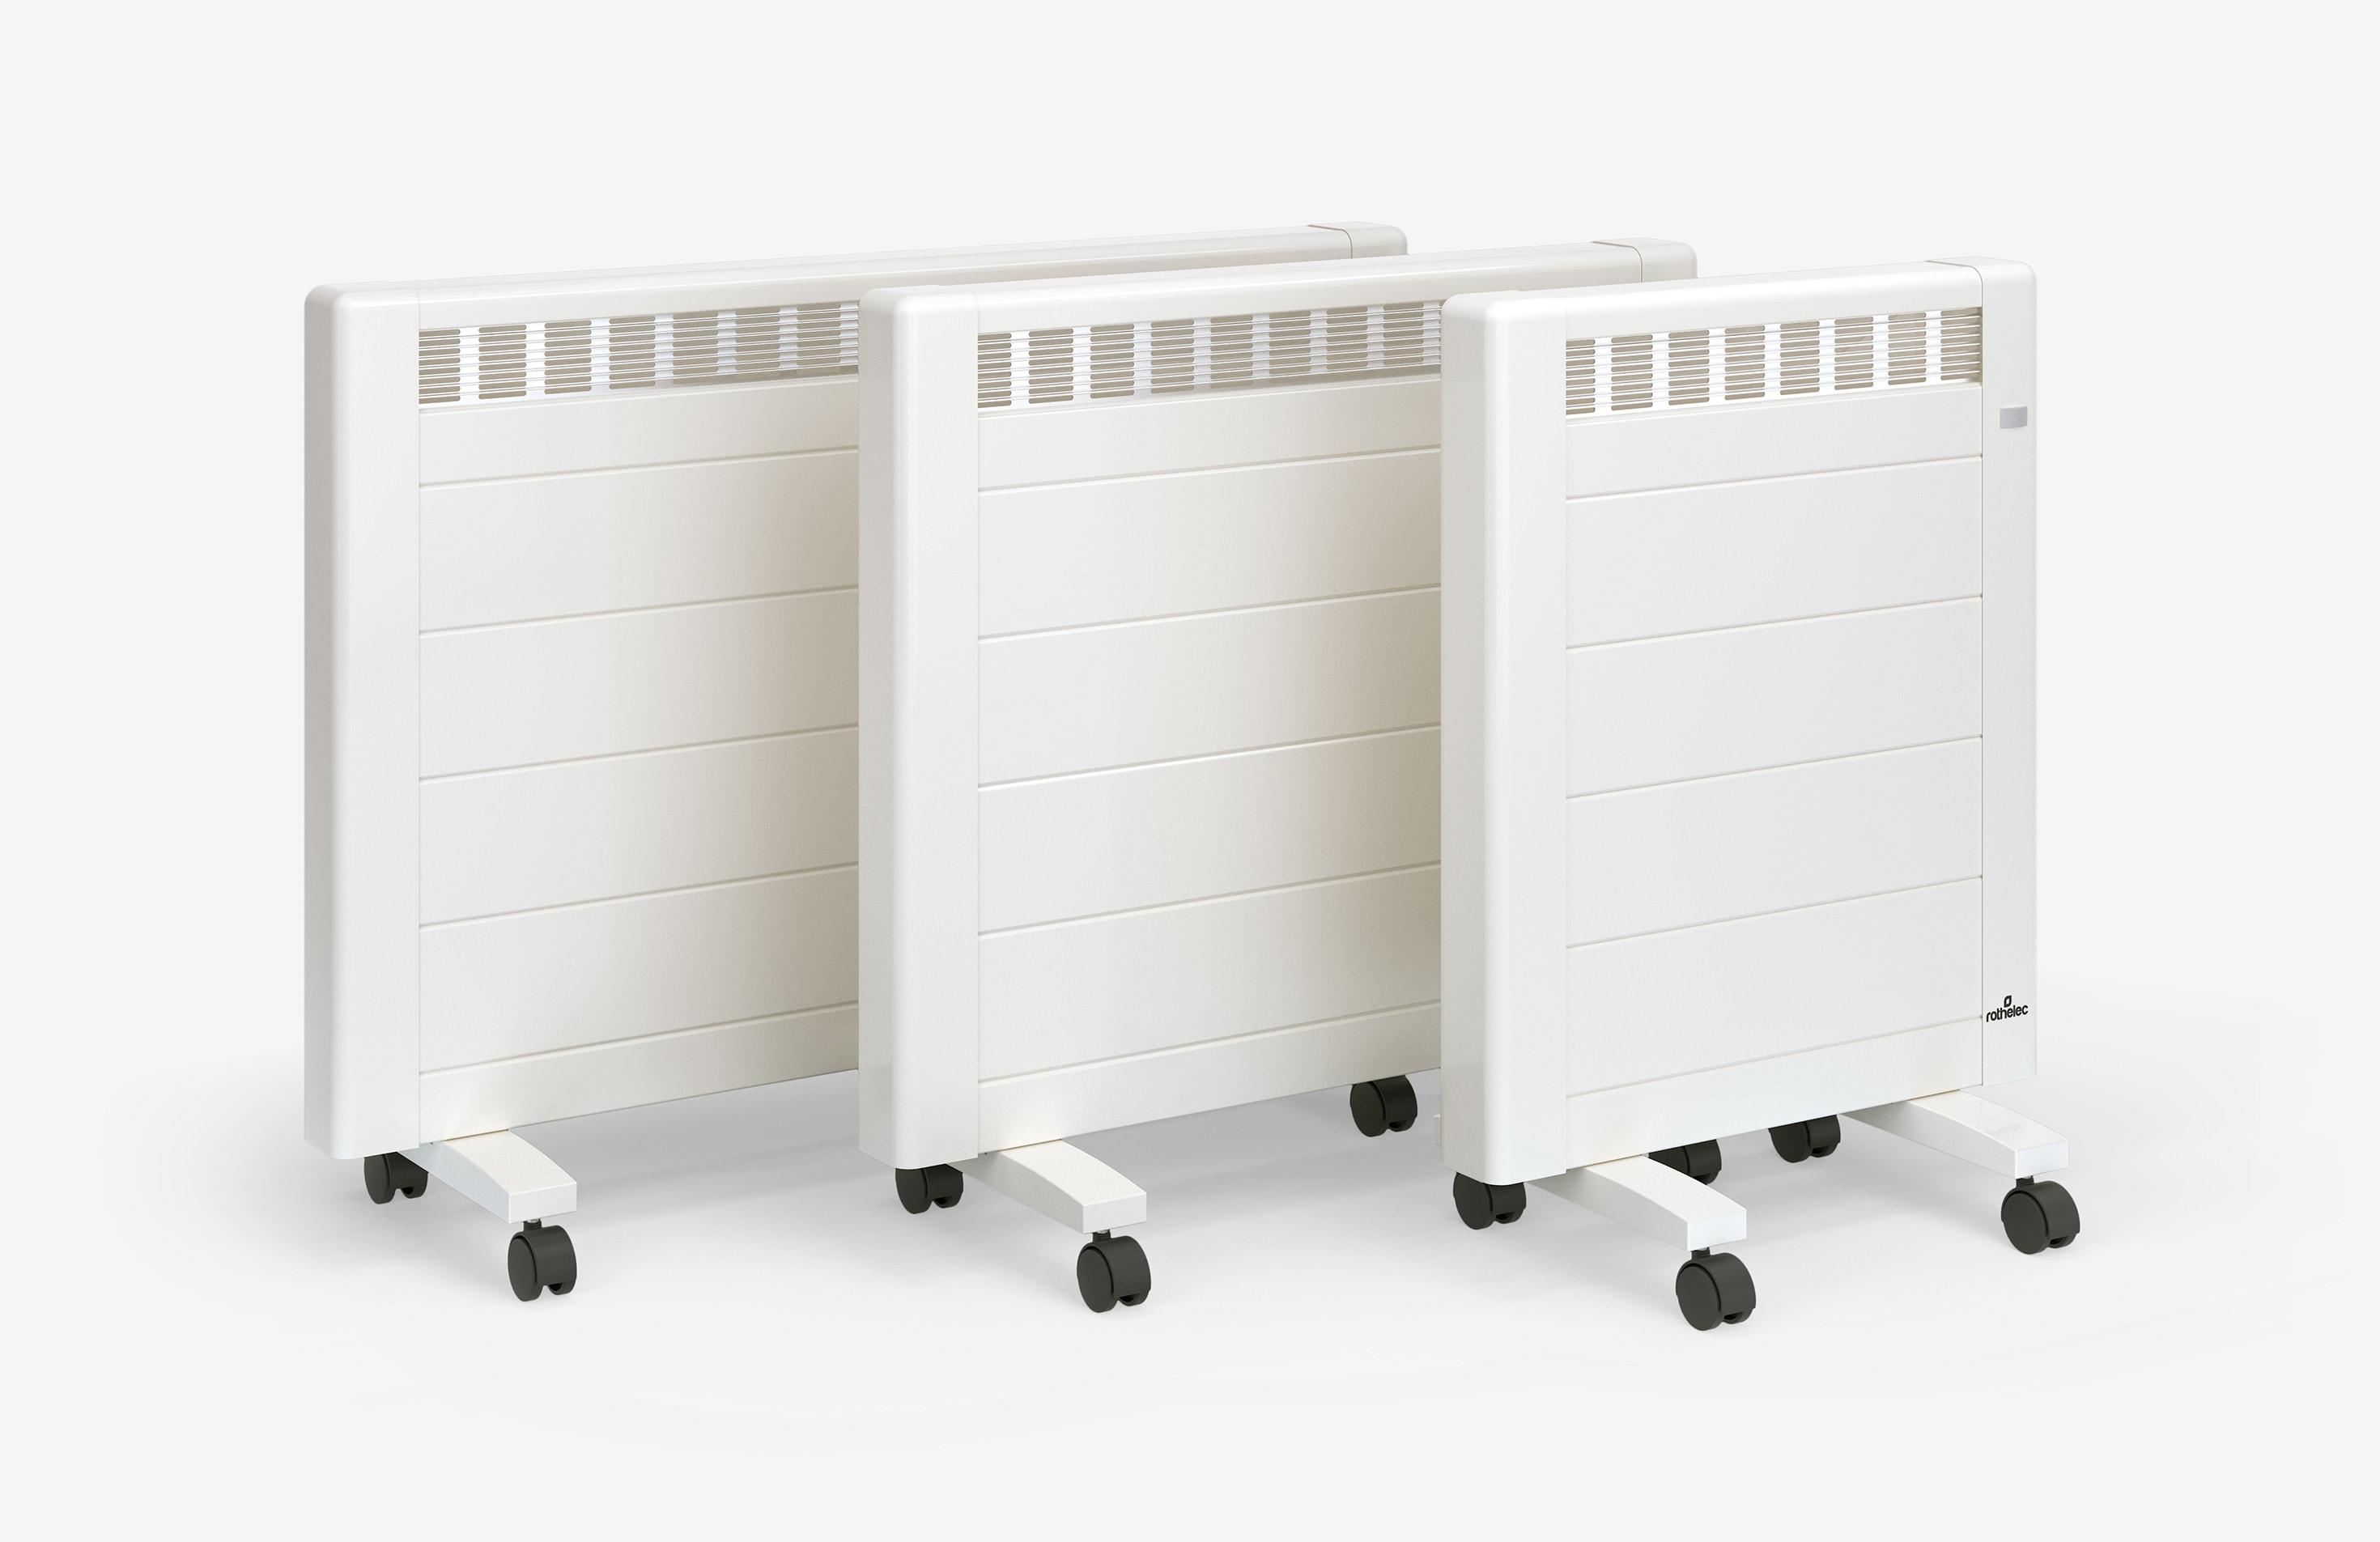 Radiateur Inertie Sur Roulettes avec chauffage d'appoint et radiateur électrique mobile | rothelec